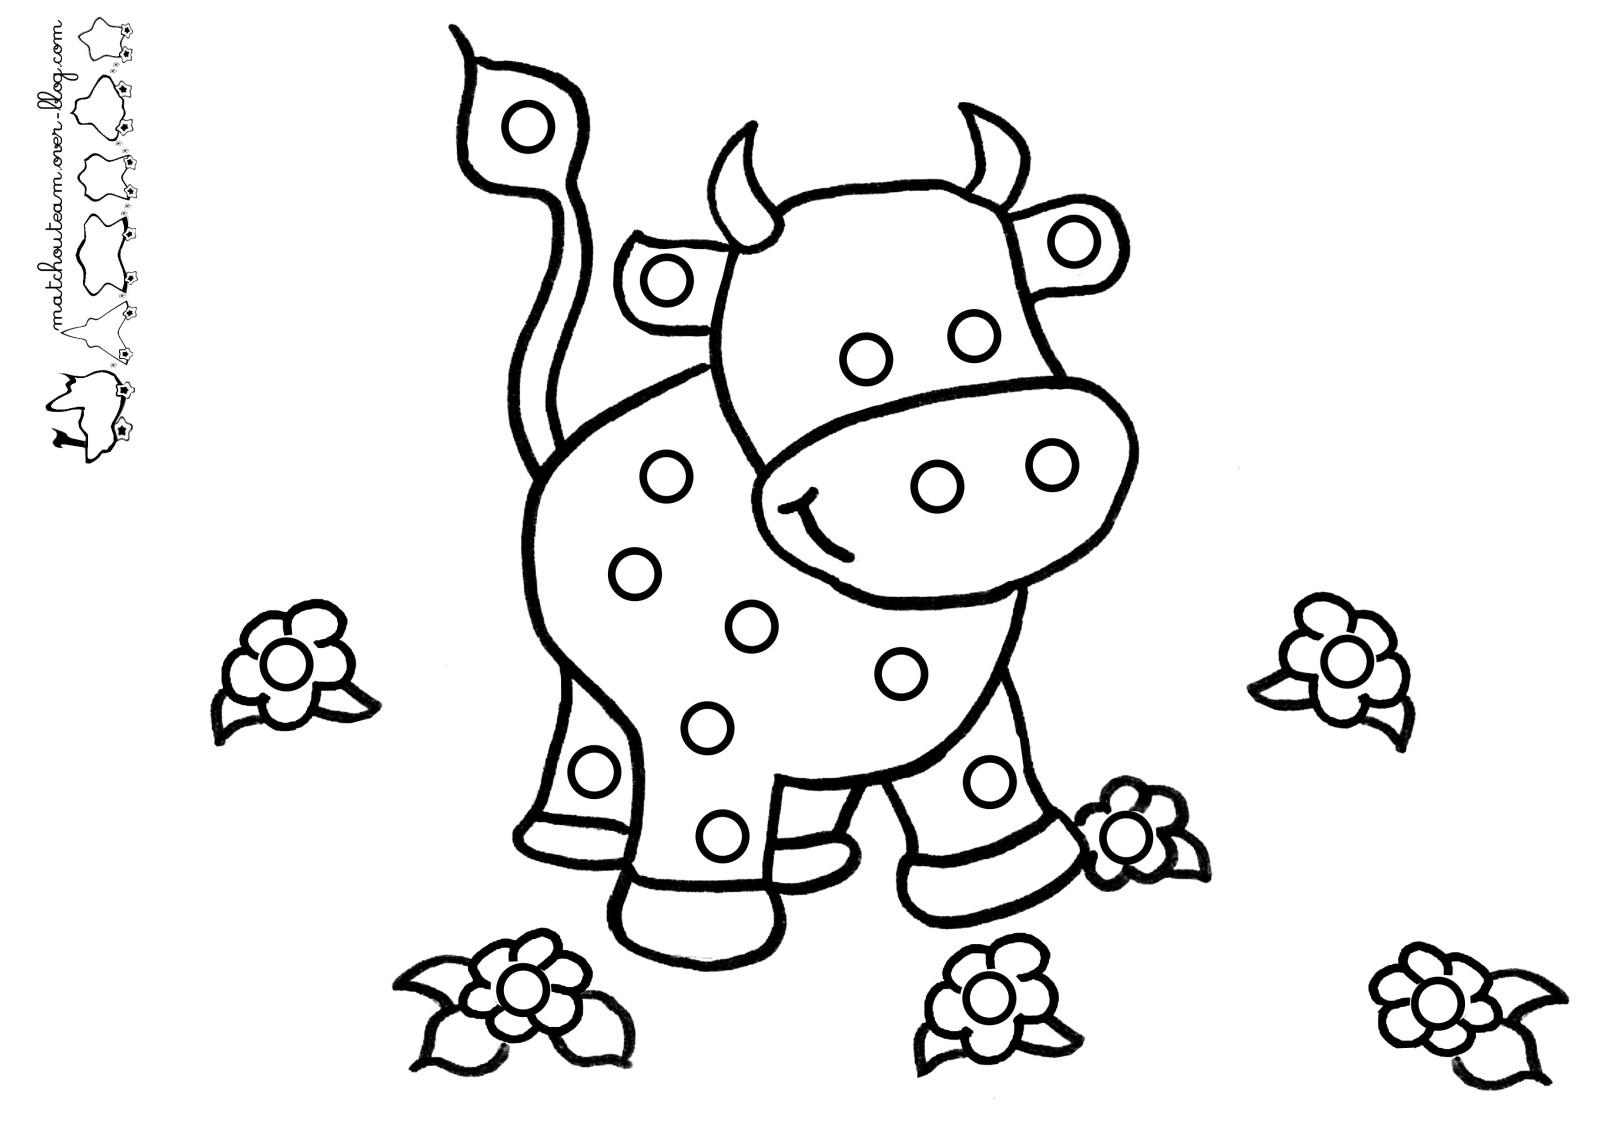 La Vache Mange Coloriage | 30000 ++ collections de pages à ...